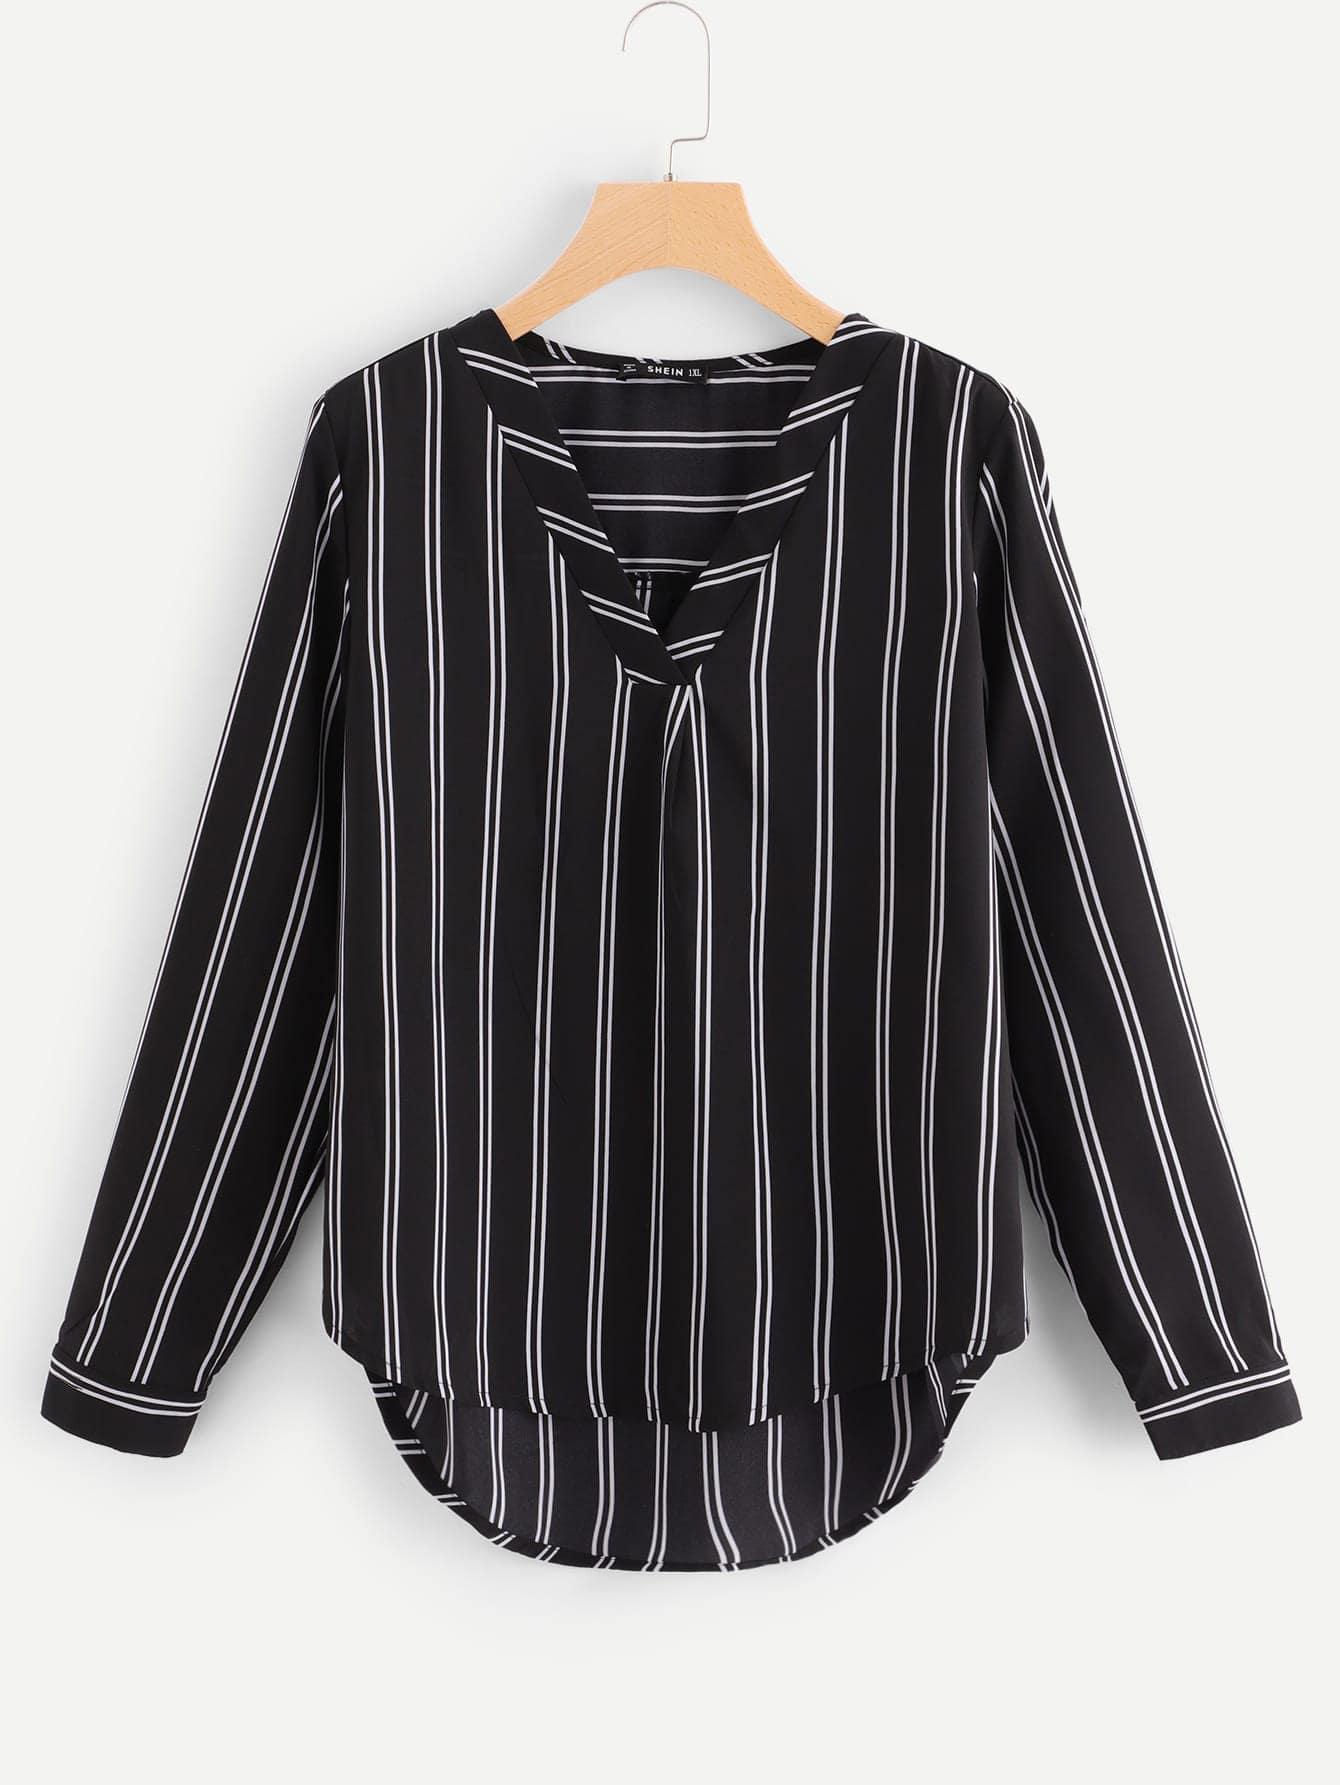 Купить Плюс размеры полосатая блузка с асимметричным низом, null, SheIn